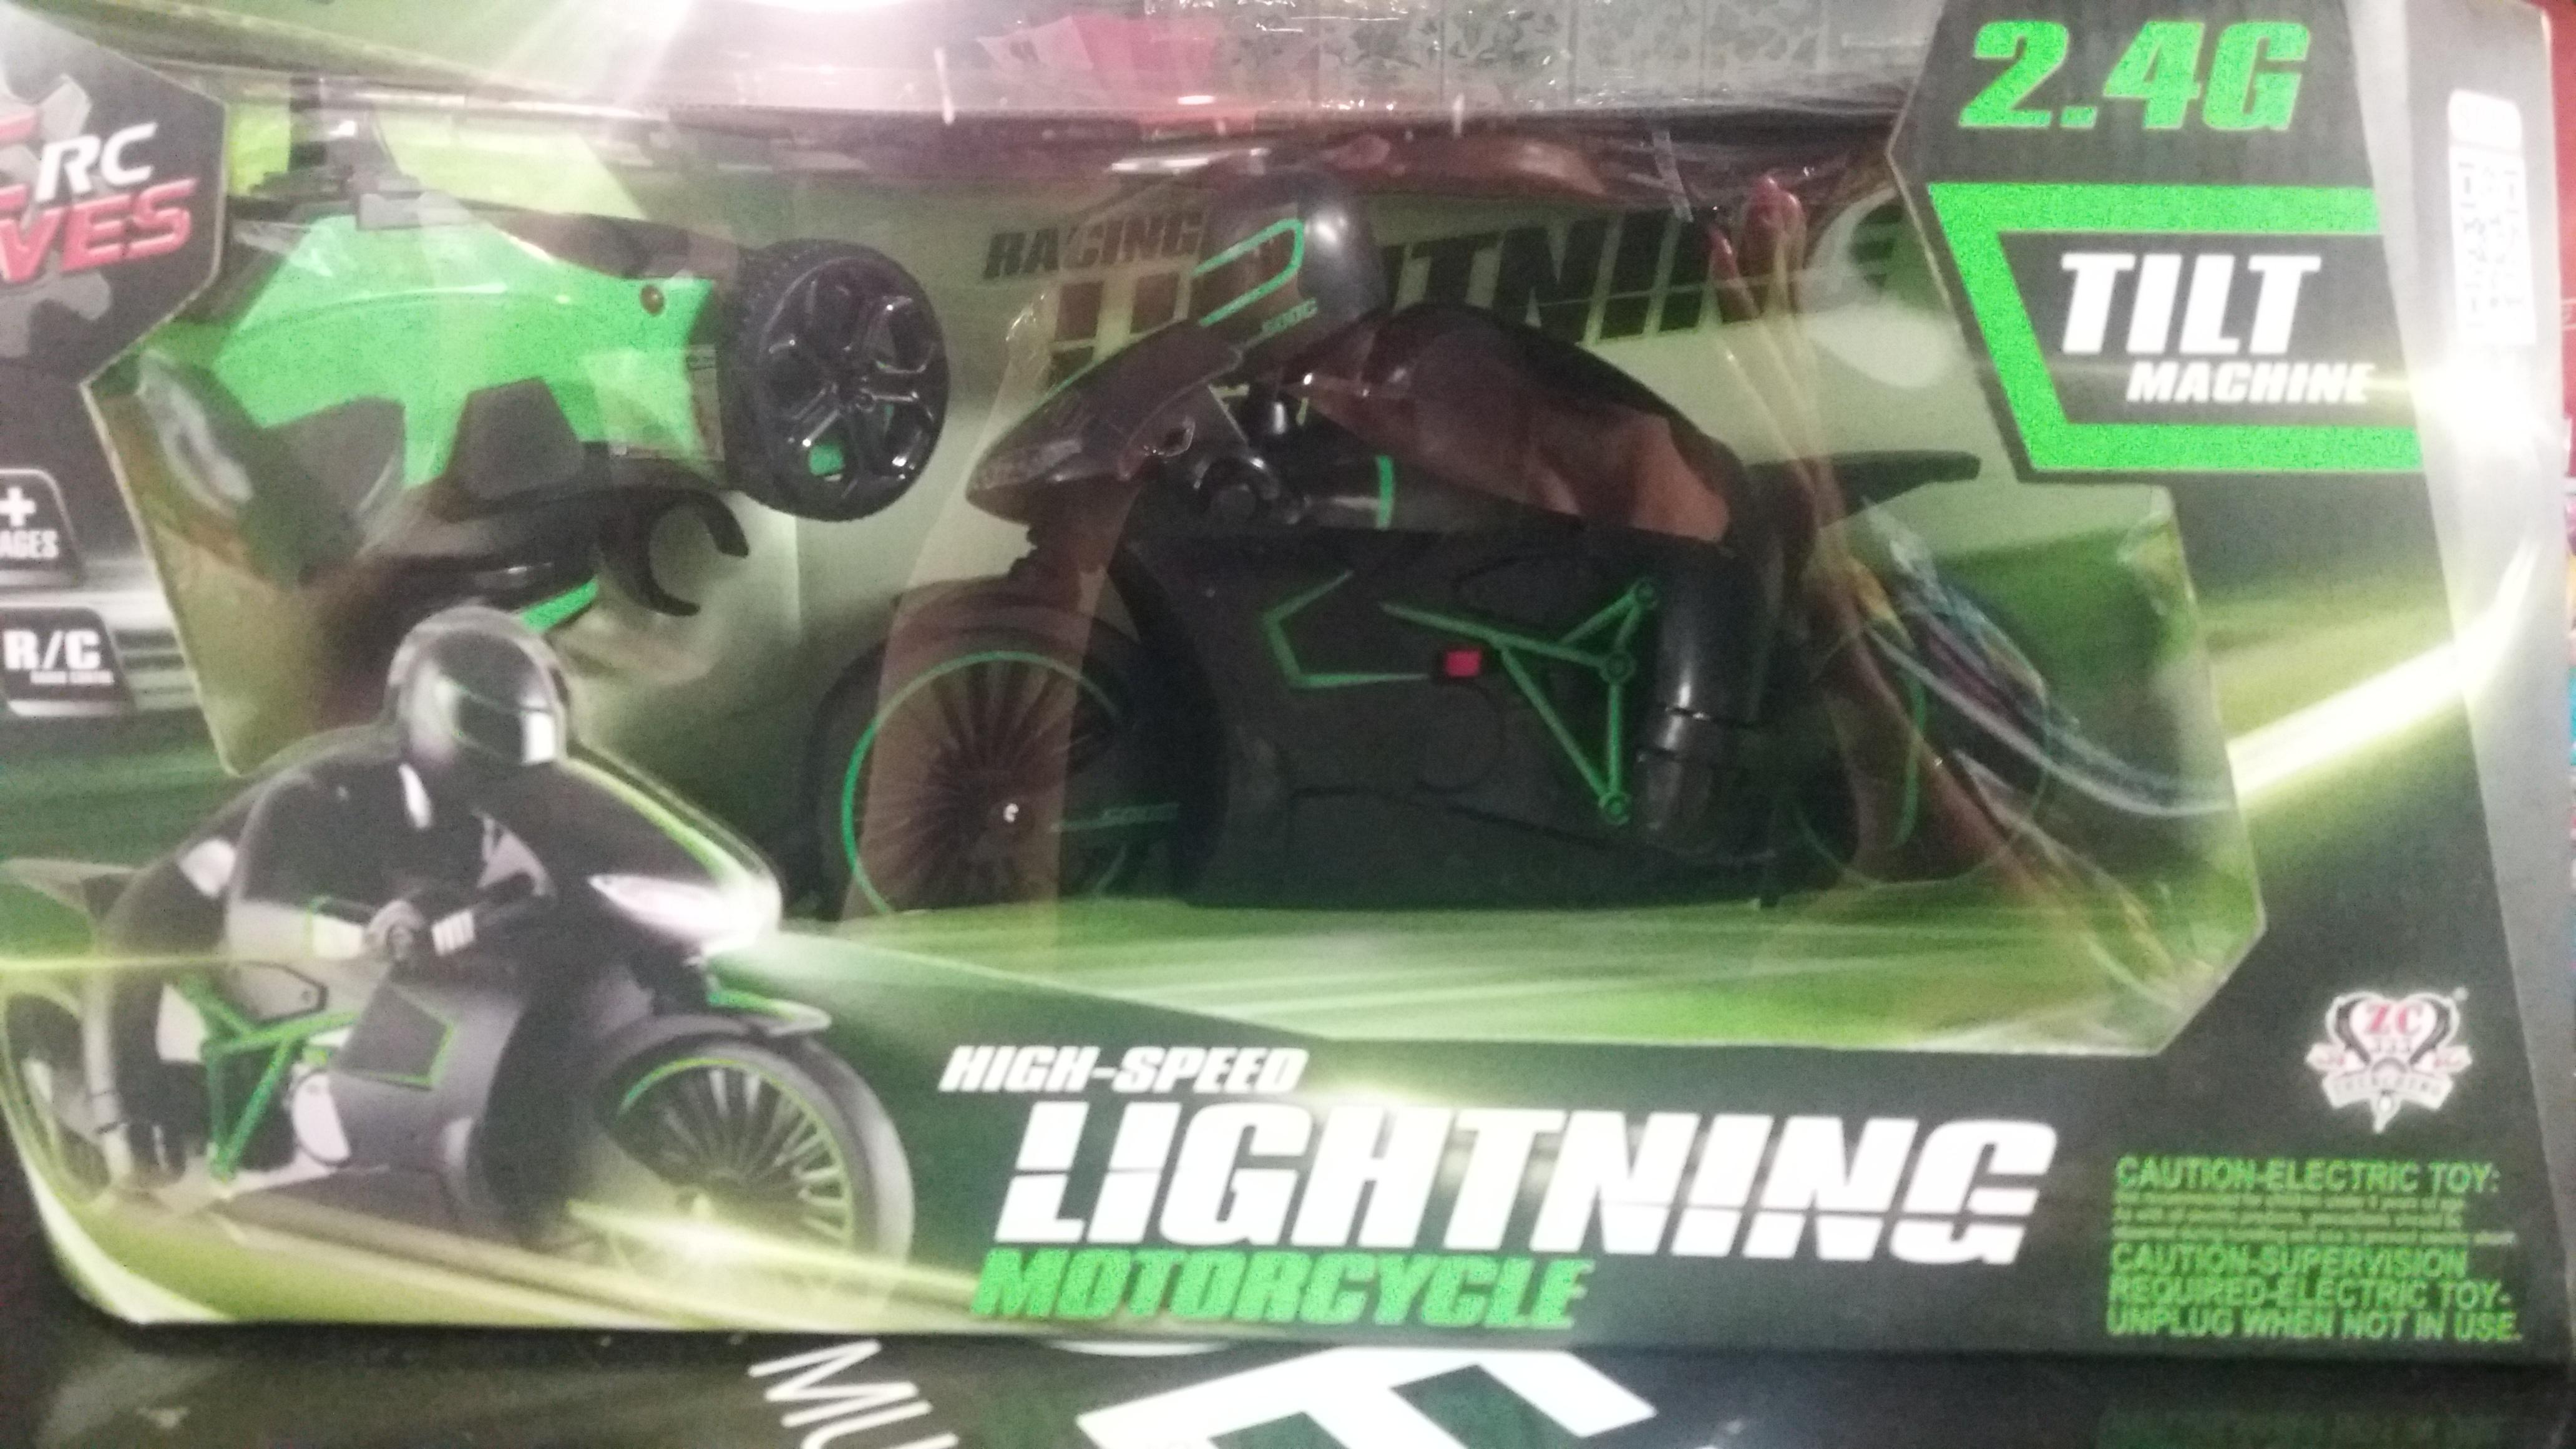 Motorka s řidičem na ovladání R/C